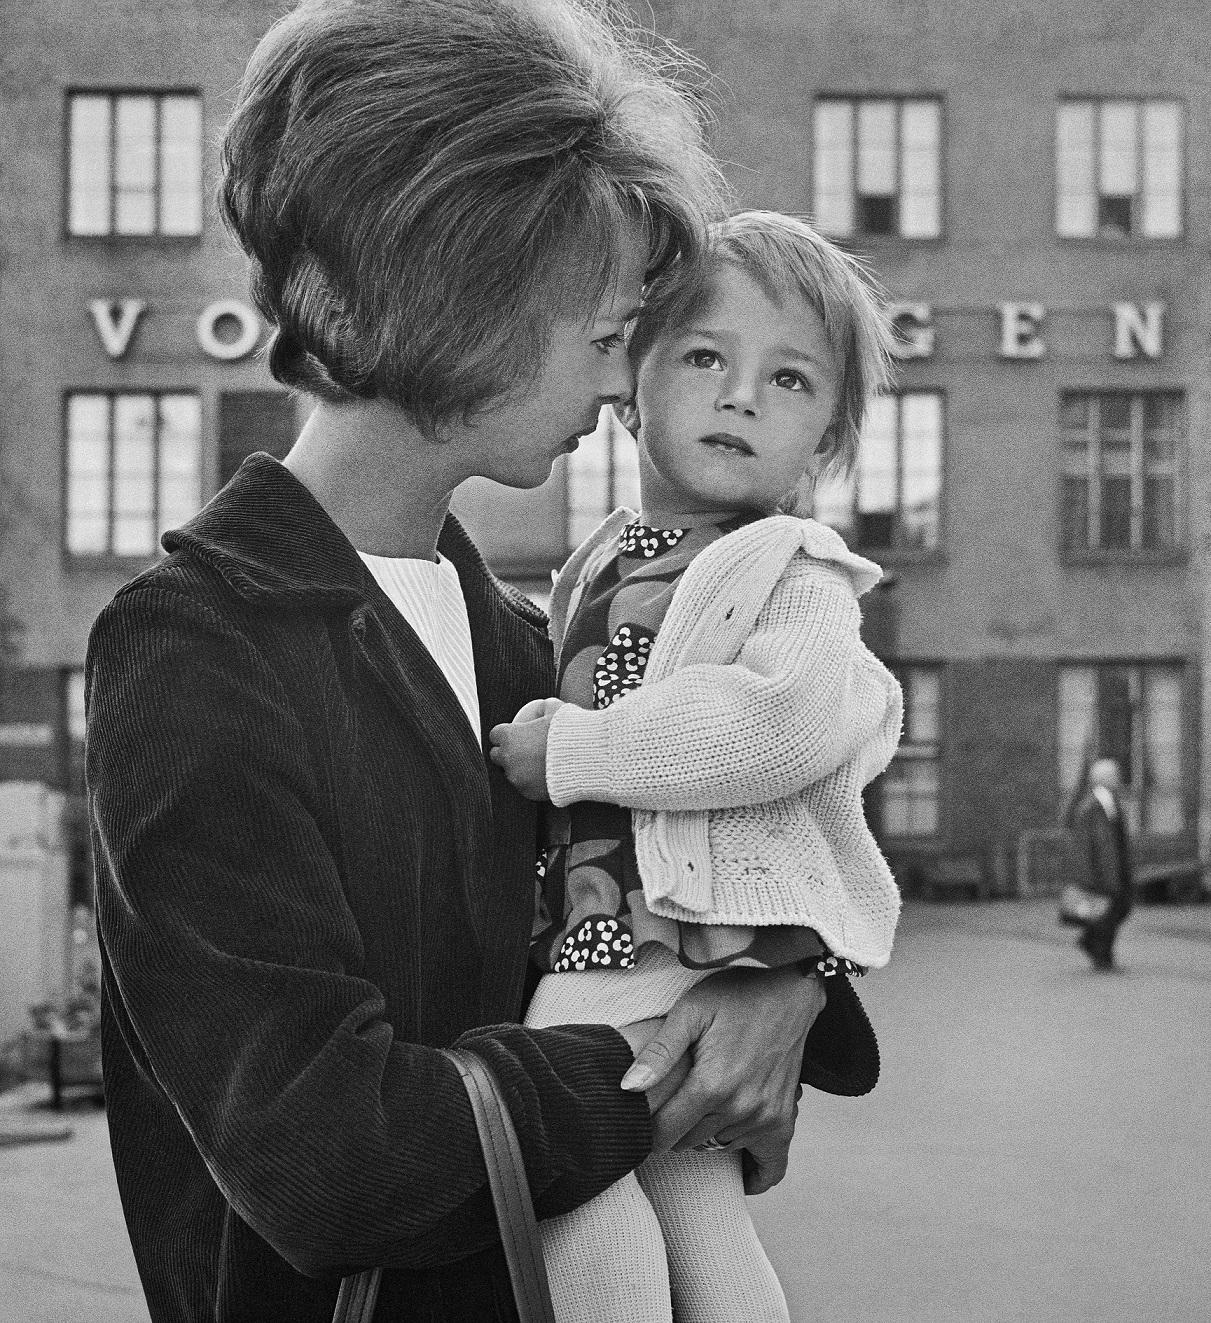 Aikuinen ja lapsi Helsingin rautatieasemalla